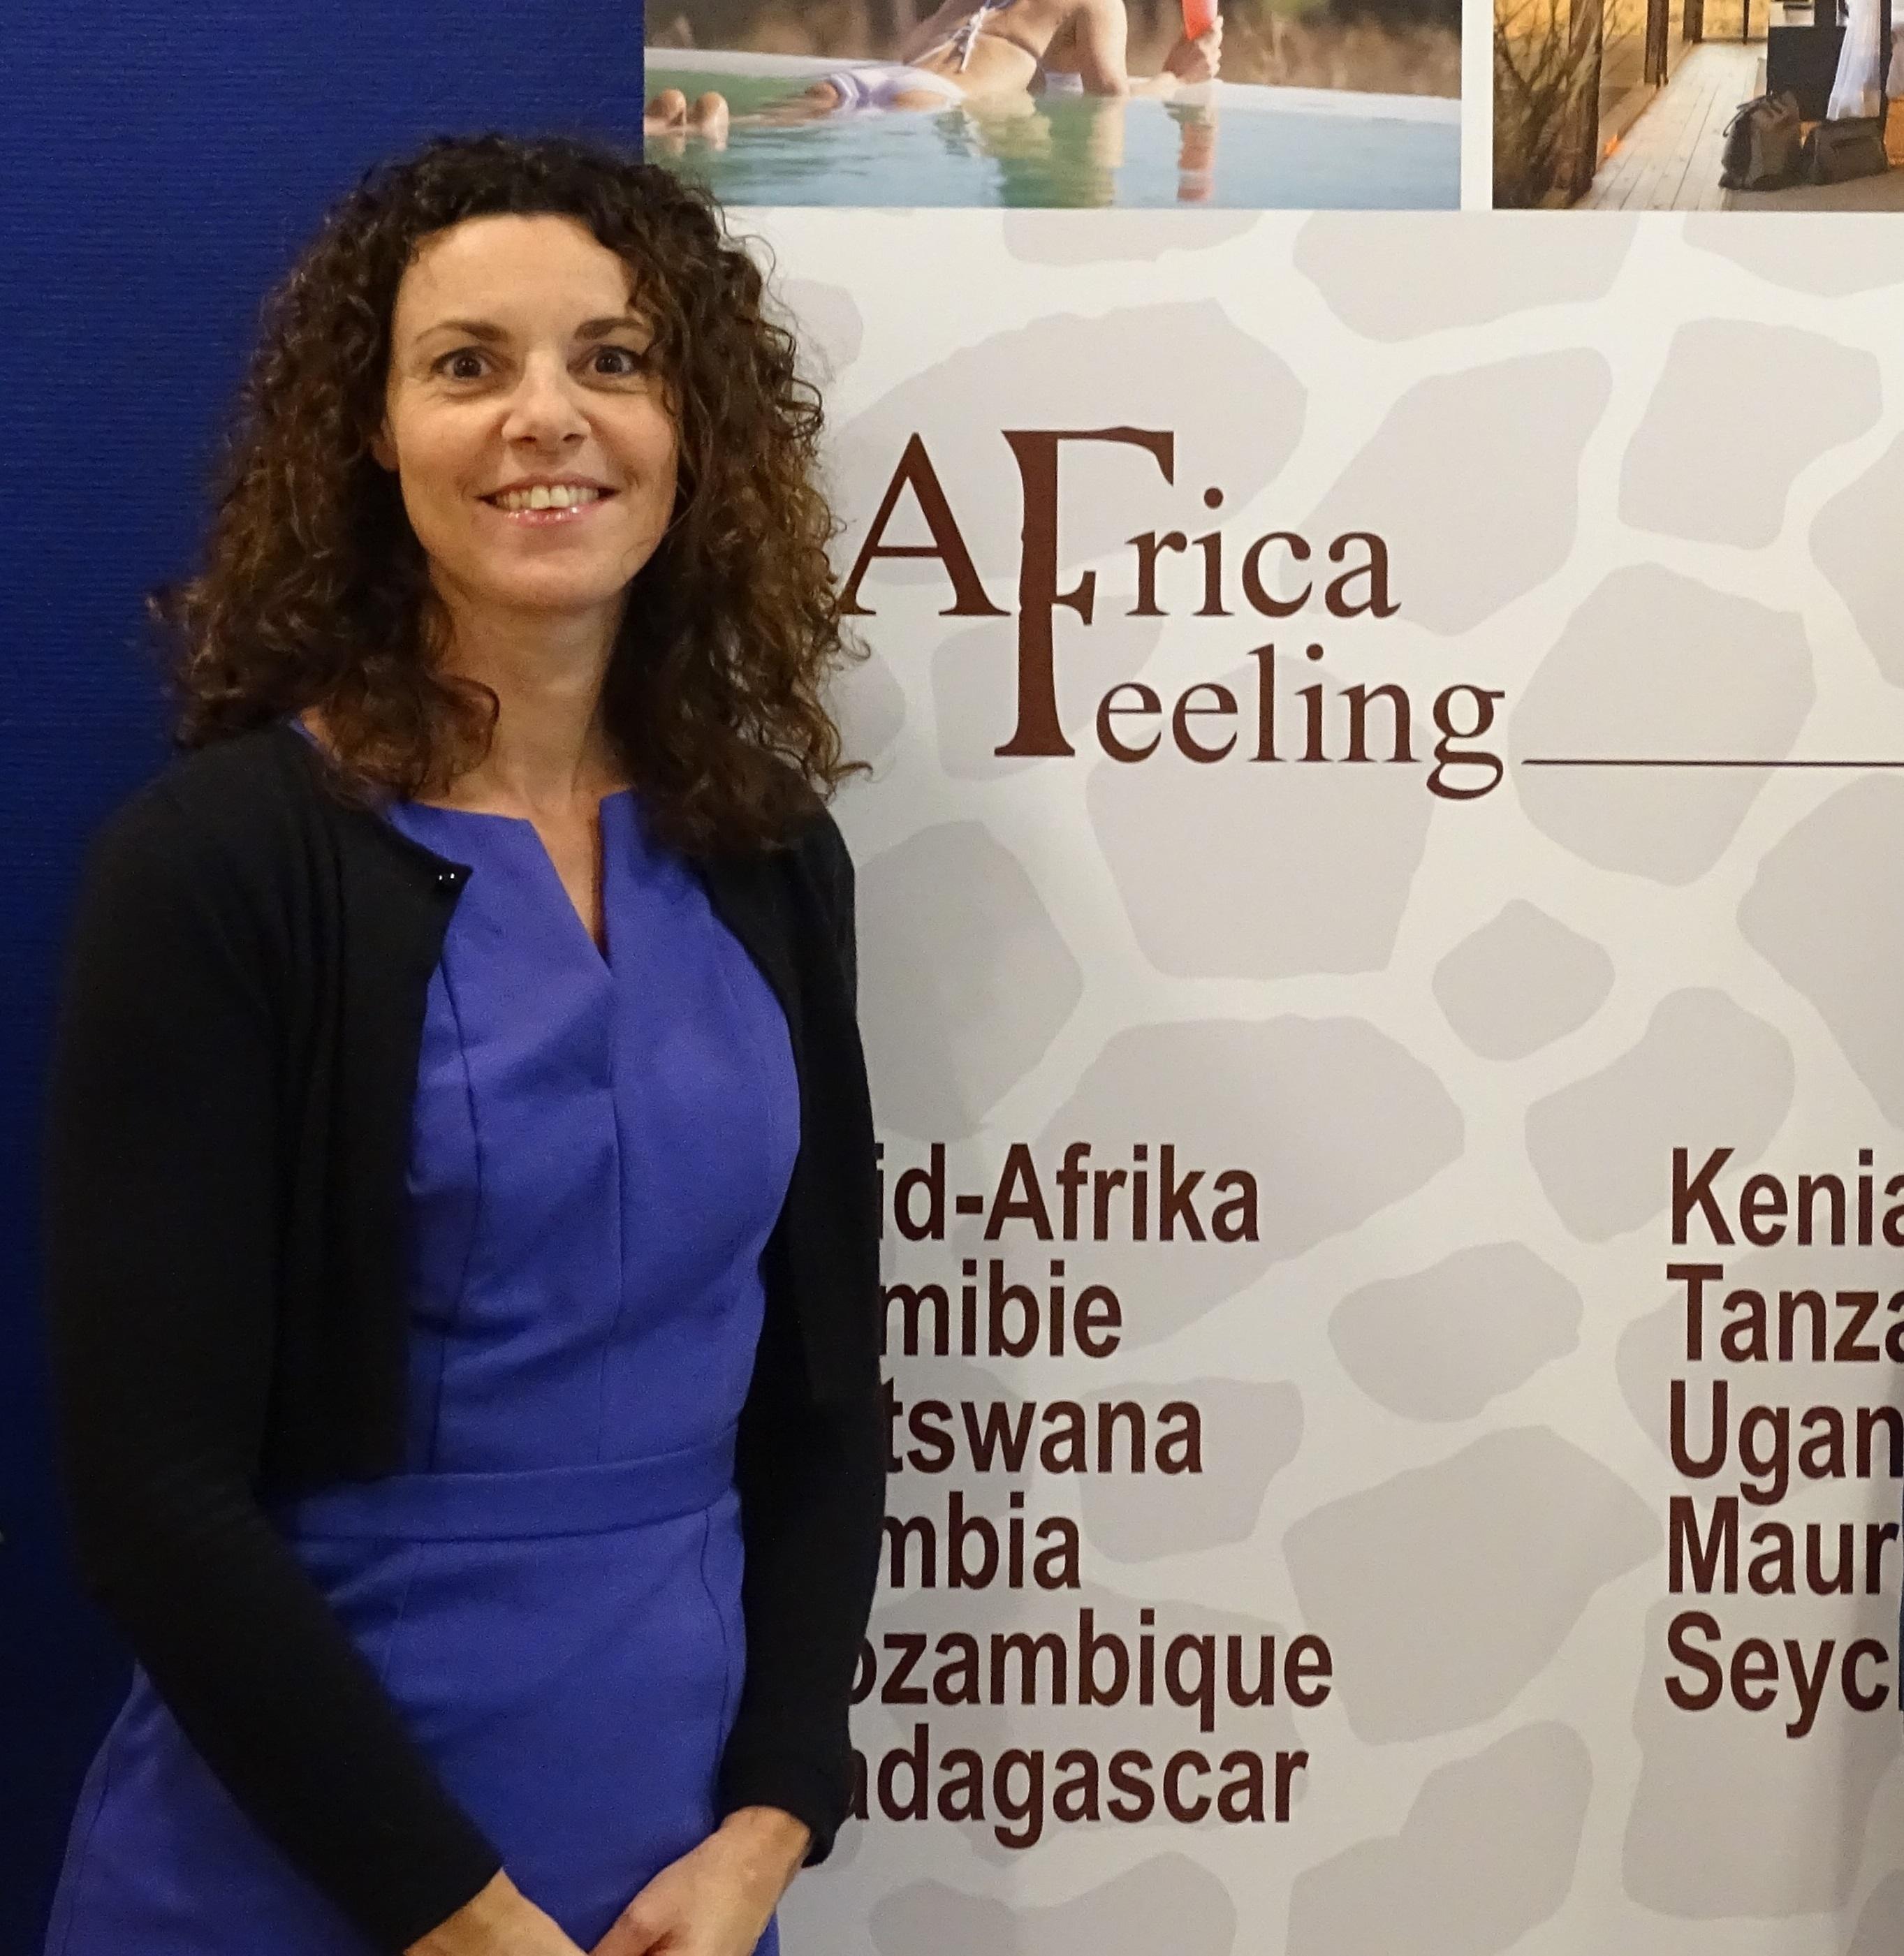 Mirjam africa Feeling